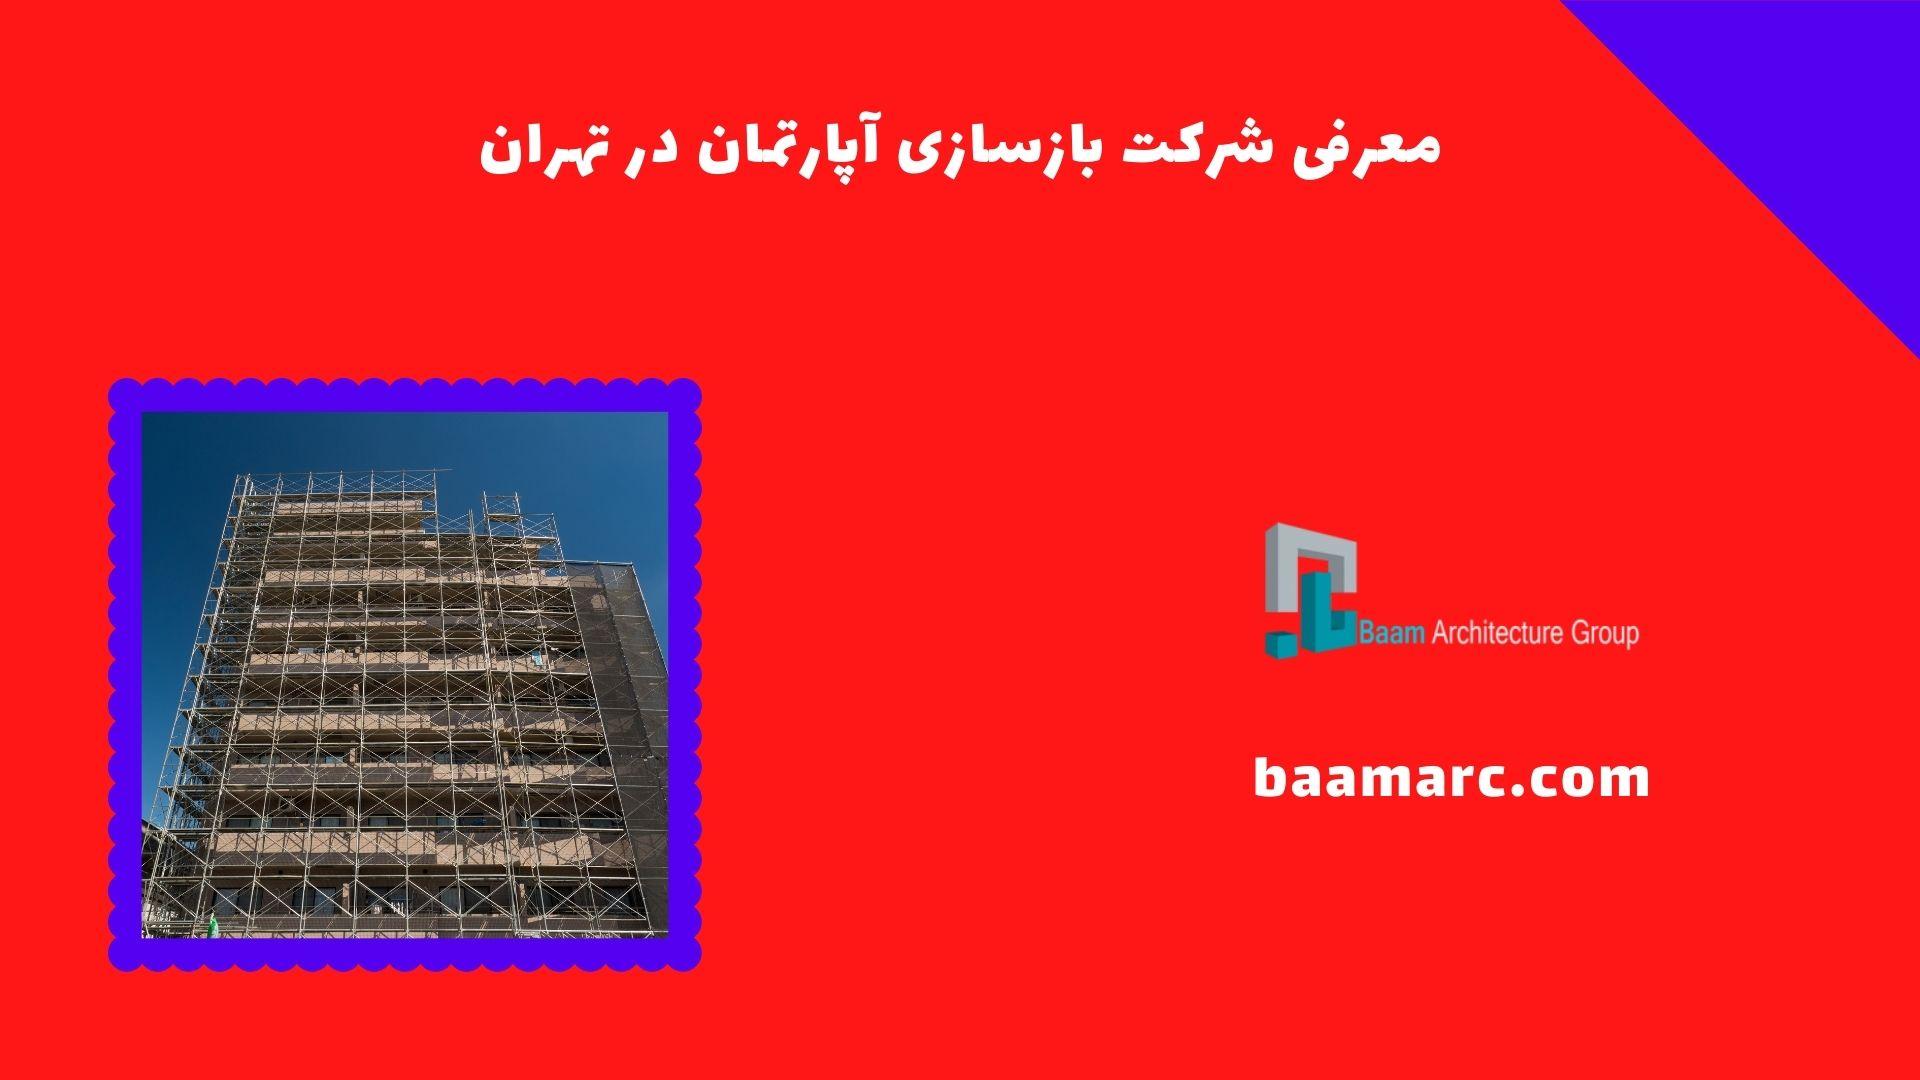 معرفی شرکت بازسازی آپارتمان در تهران